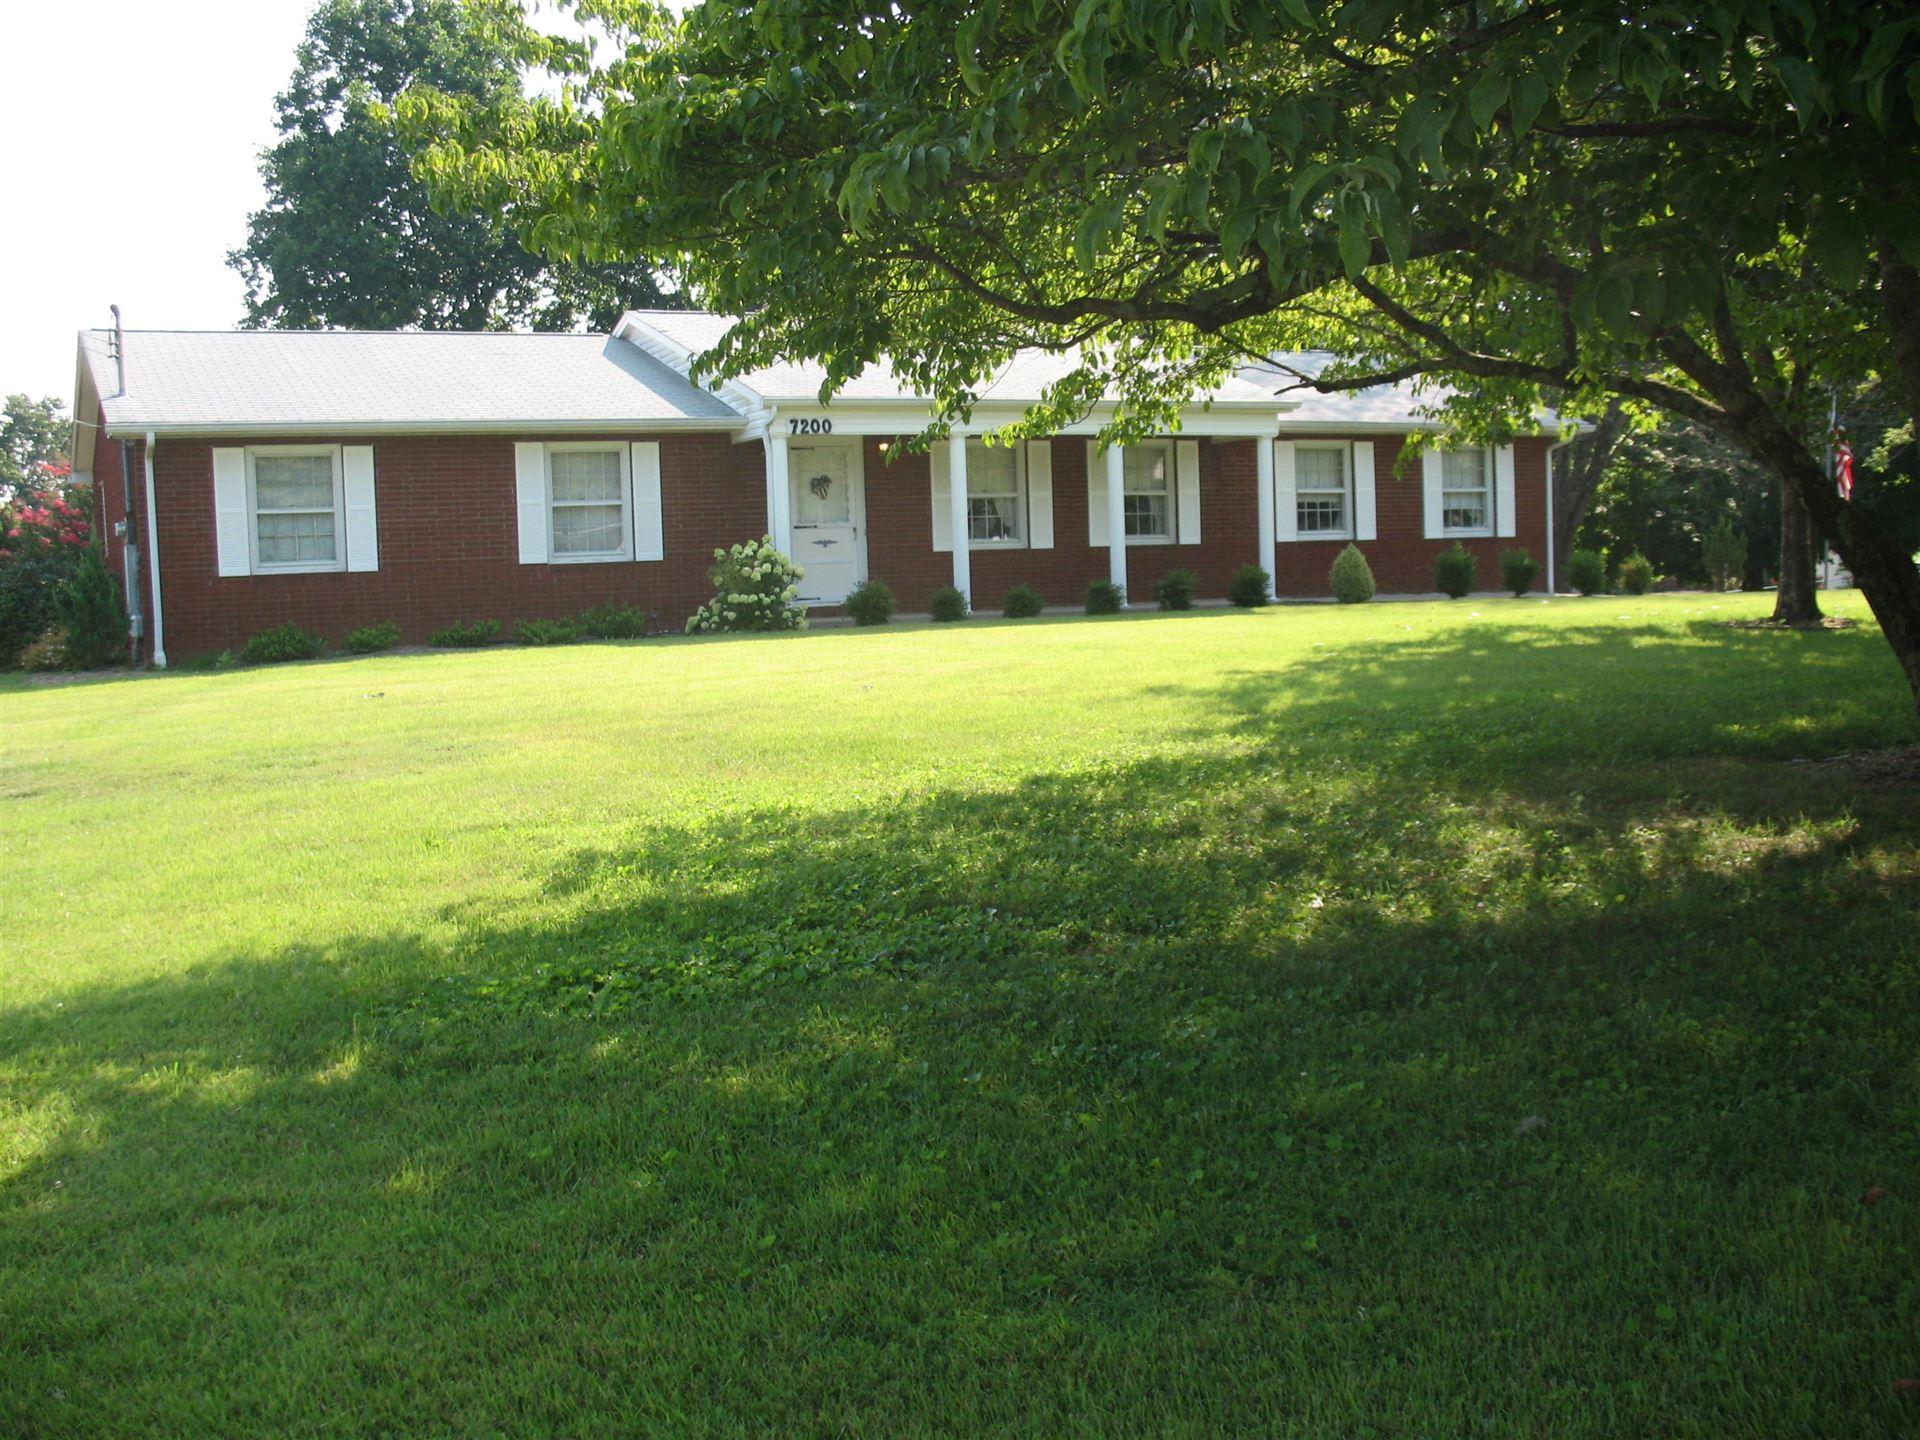 7200 Della Drive, Powell, TN 37849 - MLS#: 1161678